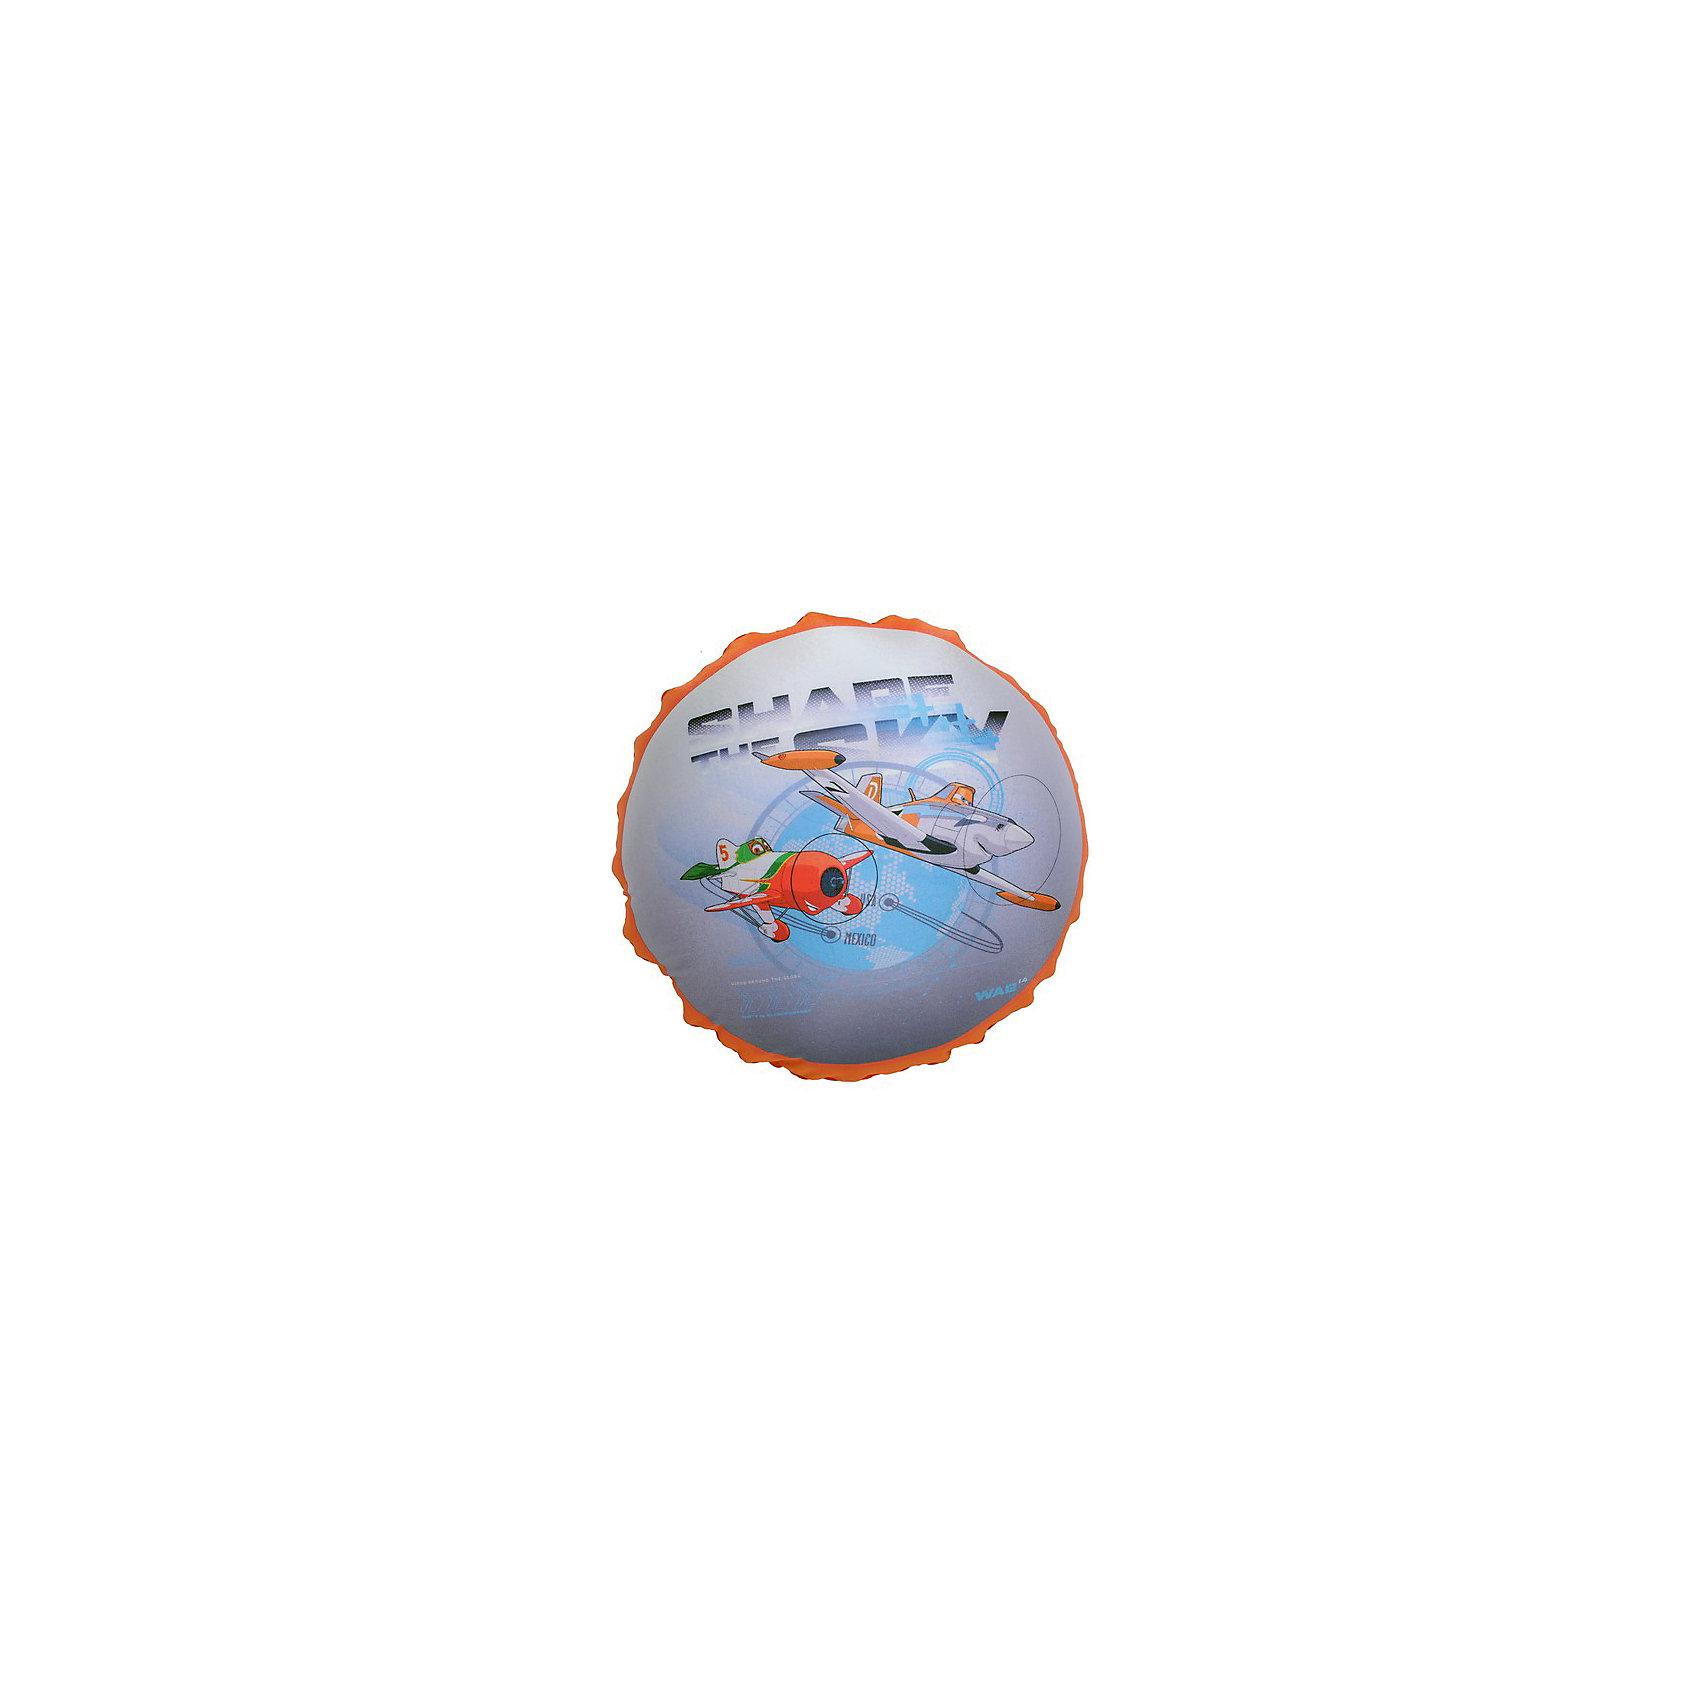 Подушка антистресс Самолеты В31, арт. 52757-1, Small Toys, красныйДомашний текстиль<br>Характеристики товара:<br><br>• материал: текстиль, шарики полистирол<br>• размер: 30х30х10 см<br>• украшена принтом<br>• эффект массажа<br>• страна бренда: Российская Федерация<br>• страна производства: Российская Федерация<br><br>Думаете, что подарить? Красивая и качественная подушка может отличным подарком ребенку или взрослому, тем более, если она украшена изображением любимого персонажа. Подушка сделана из приятного на ощупь материала и специального наполнителя - гранул полистирола, которые приятно пересыпаются внутри неё.<br>Такое изделие сможет оказывать точечный массаж ладошек, если держать её в руках, развивать моторику и отвлекать ребенка при необходимости. В поездках или дома на диване такая подушка поможет занять удобное положение и при этом будет приятно массировать шею. Подушка выполнена в приятной расцветке. Швы хорошо проработаны. Изделие произведено из сертифицированных материалов, безопасных для детей.<br><br>Подушку антистресс Самолеты В31, арт. 52757/Rd-1 от бренда Small Toys можно купить в нашем интернет-магазине.<br><br>Ширина мм: 60<br>Глубина мм: 310<br>Высота мм: 310<br>Вес г: 60<br>Возраст от месяцев: 36<br>Возраст до месяцев: 72<br>Пол: Мужской<br>Возраст: Детский<br>SKU: 5272915